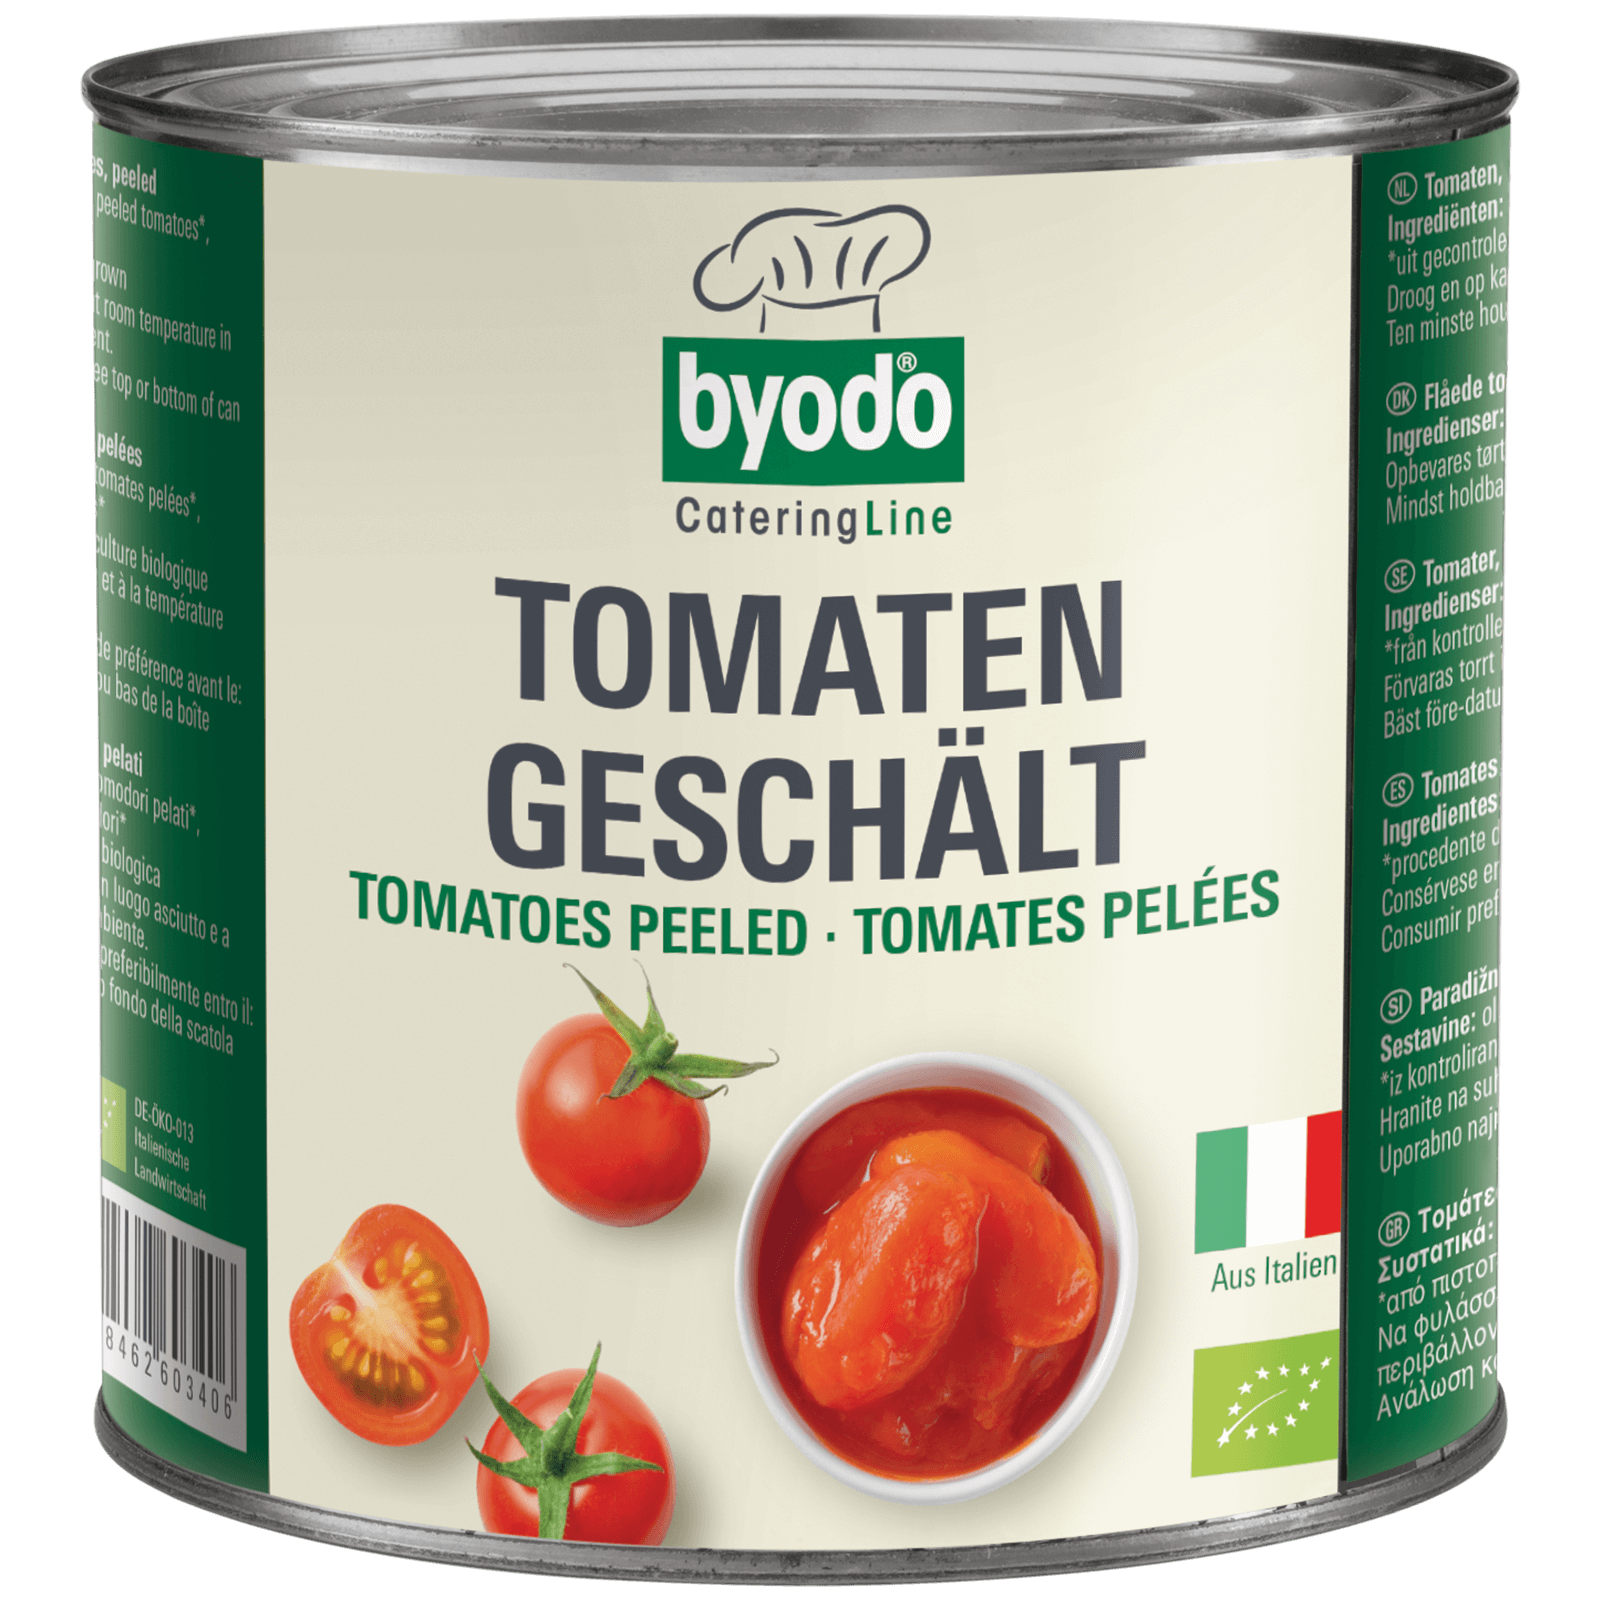 Bio-Tomaten geschaelt